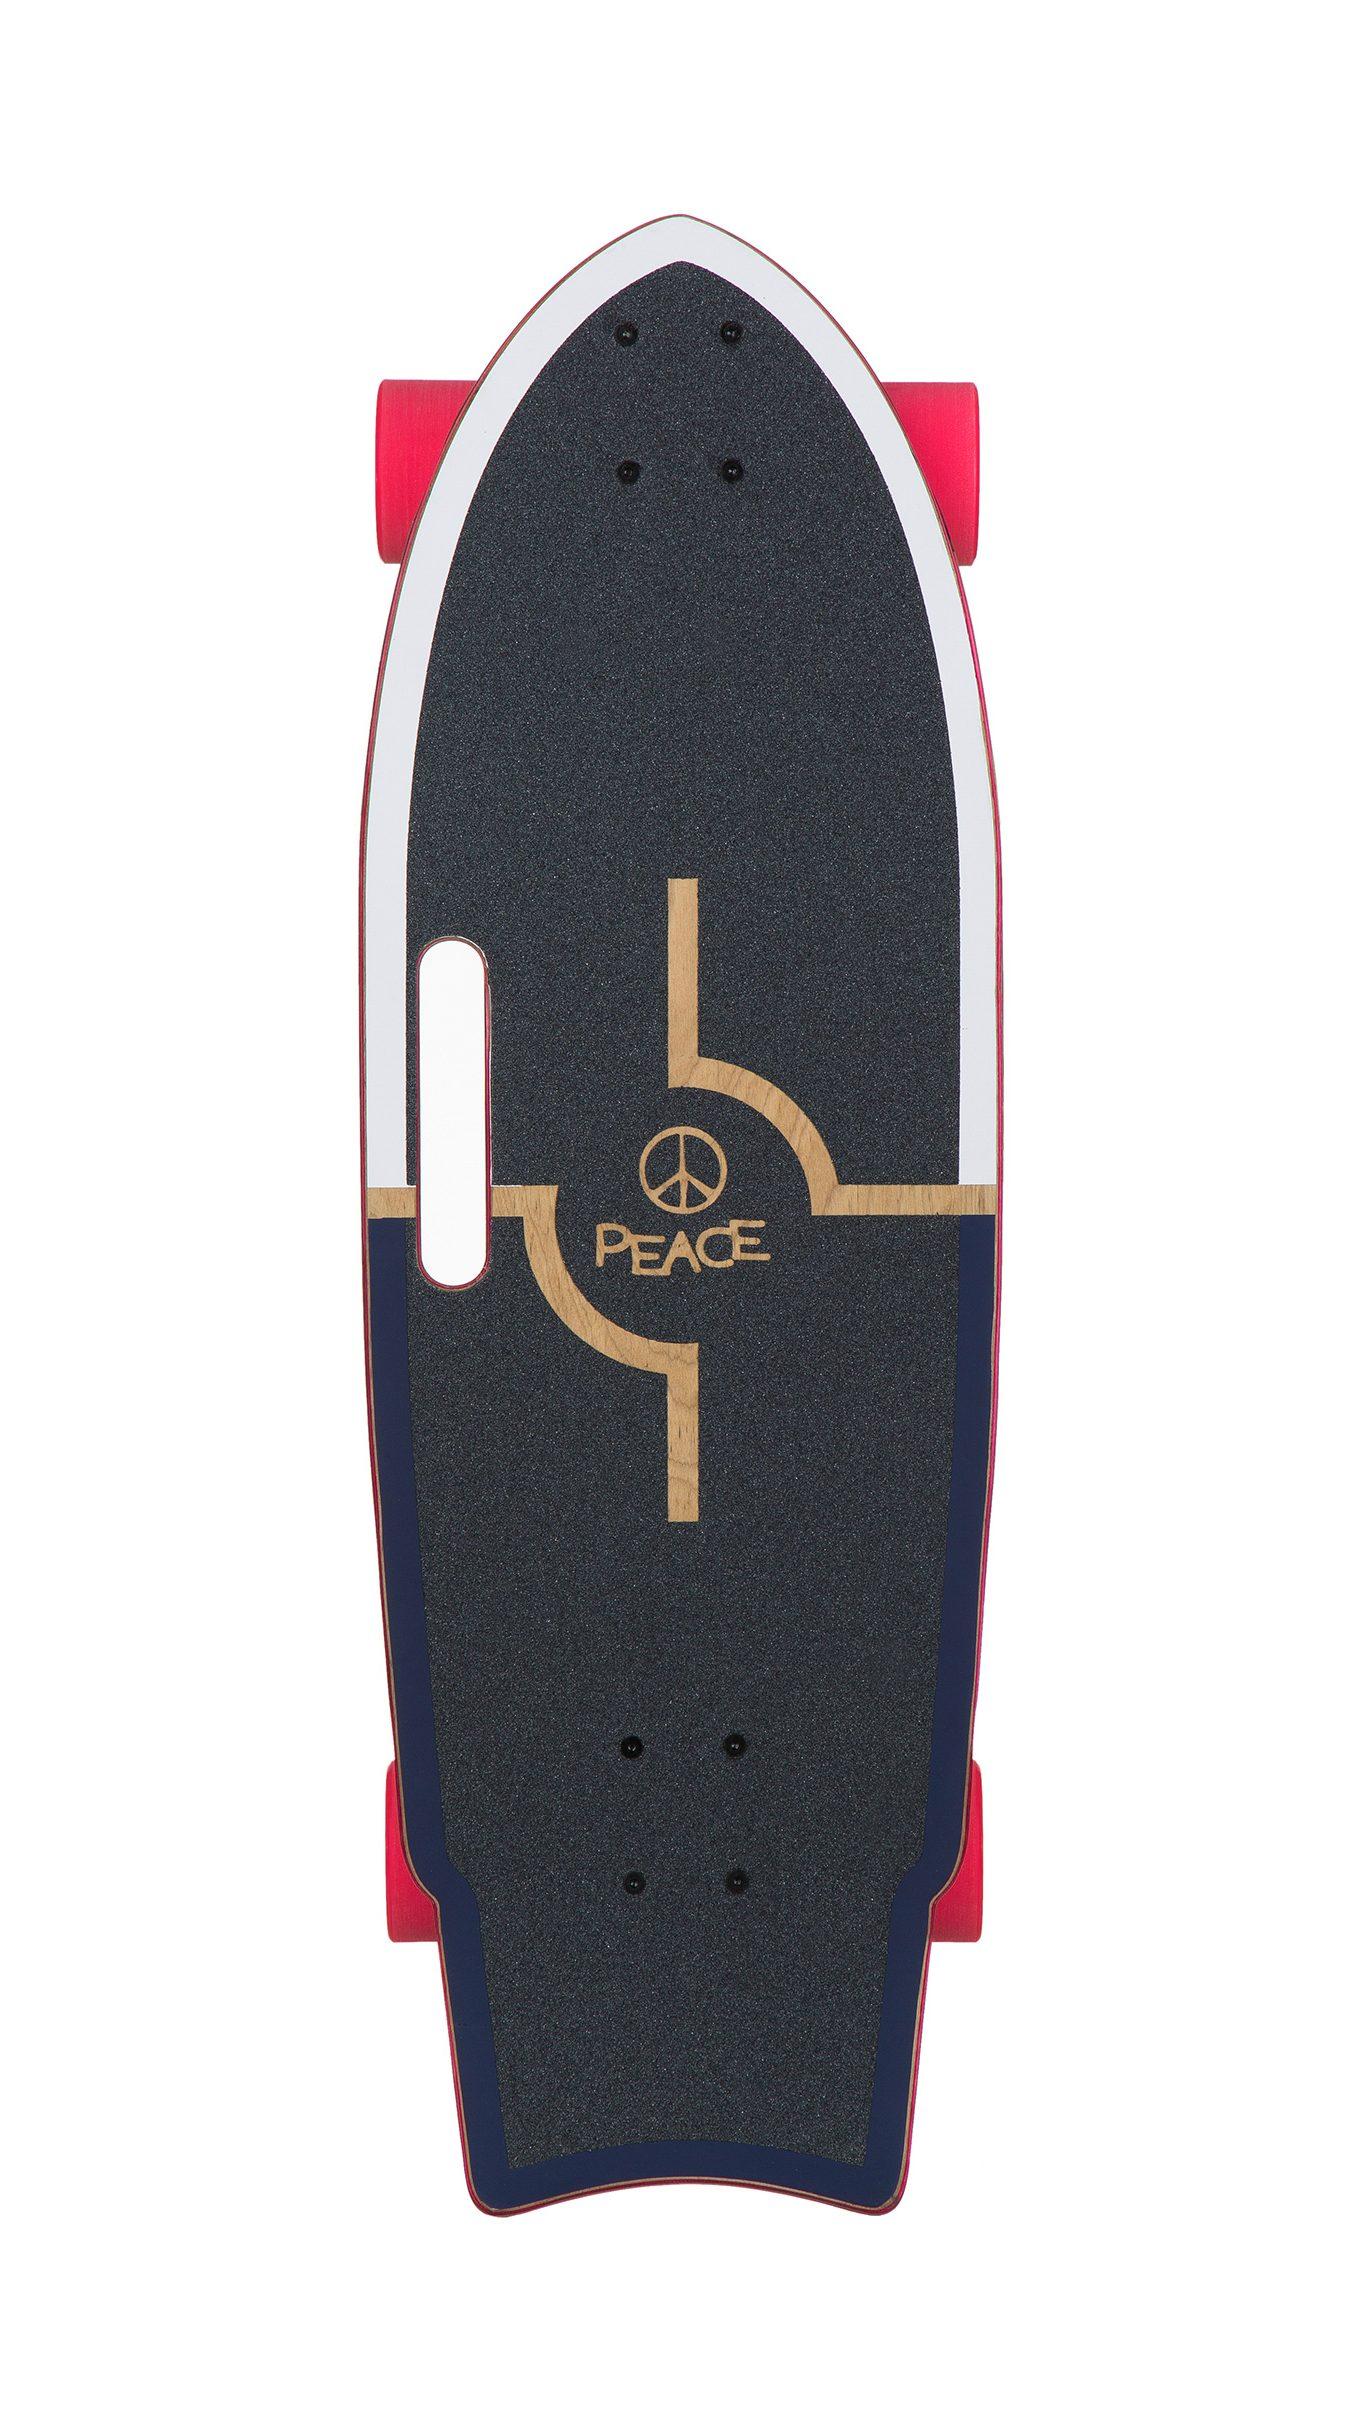 מעוצב בצורת פיש עם לייט קונקייב לזרימה מושלמת בנסיעה. 7 שכבות של מייפל, 10 אינצ' רוחב של קרש שמאפשרים לכל אחד ובכל רמה לגלוש מחוץ למים בסקייטפארק או בחוץ מתי שרק אפשר. הוא הבורד הנמכר ביותר בסדרת הגלישה של Peace Boards. מושלם לסקייטפארקים, סליידים, קארבניג או סתם לתרגל גלישה מחוץ למים.